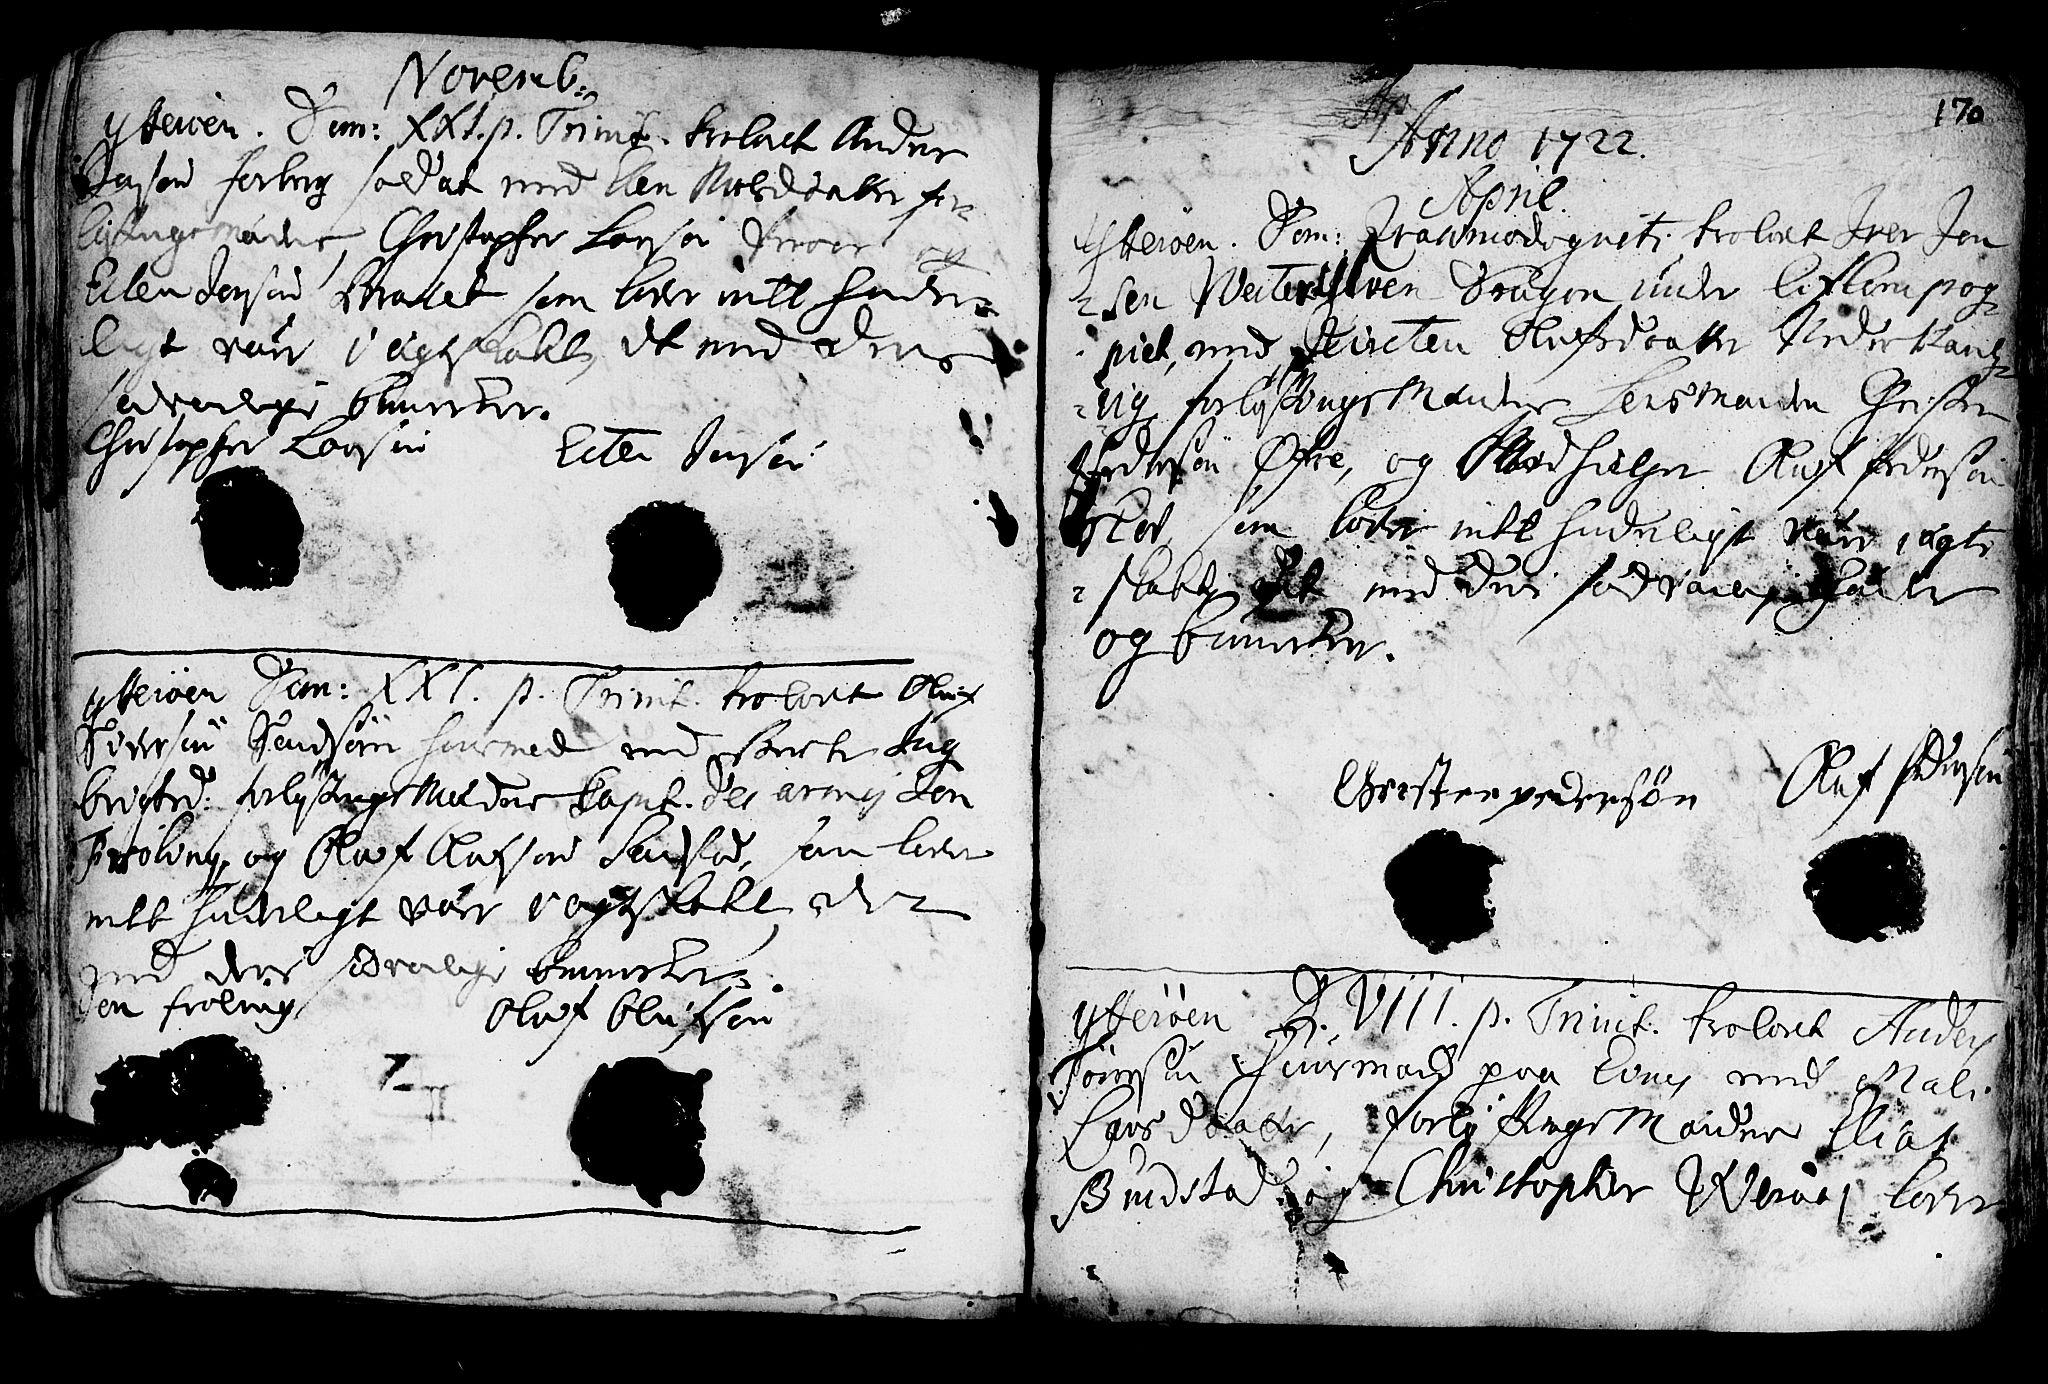 SAT, Ministerialprotokoller, klokkerbøker og fødselsregistre - Nord-Trøndelag, 722/L0215: Ministerialbok nr. 722A02, 1718-1755, s. 170